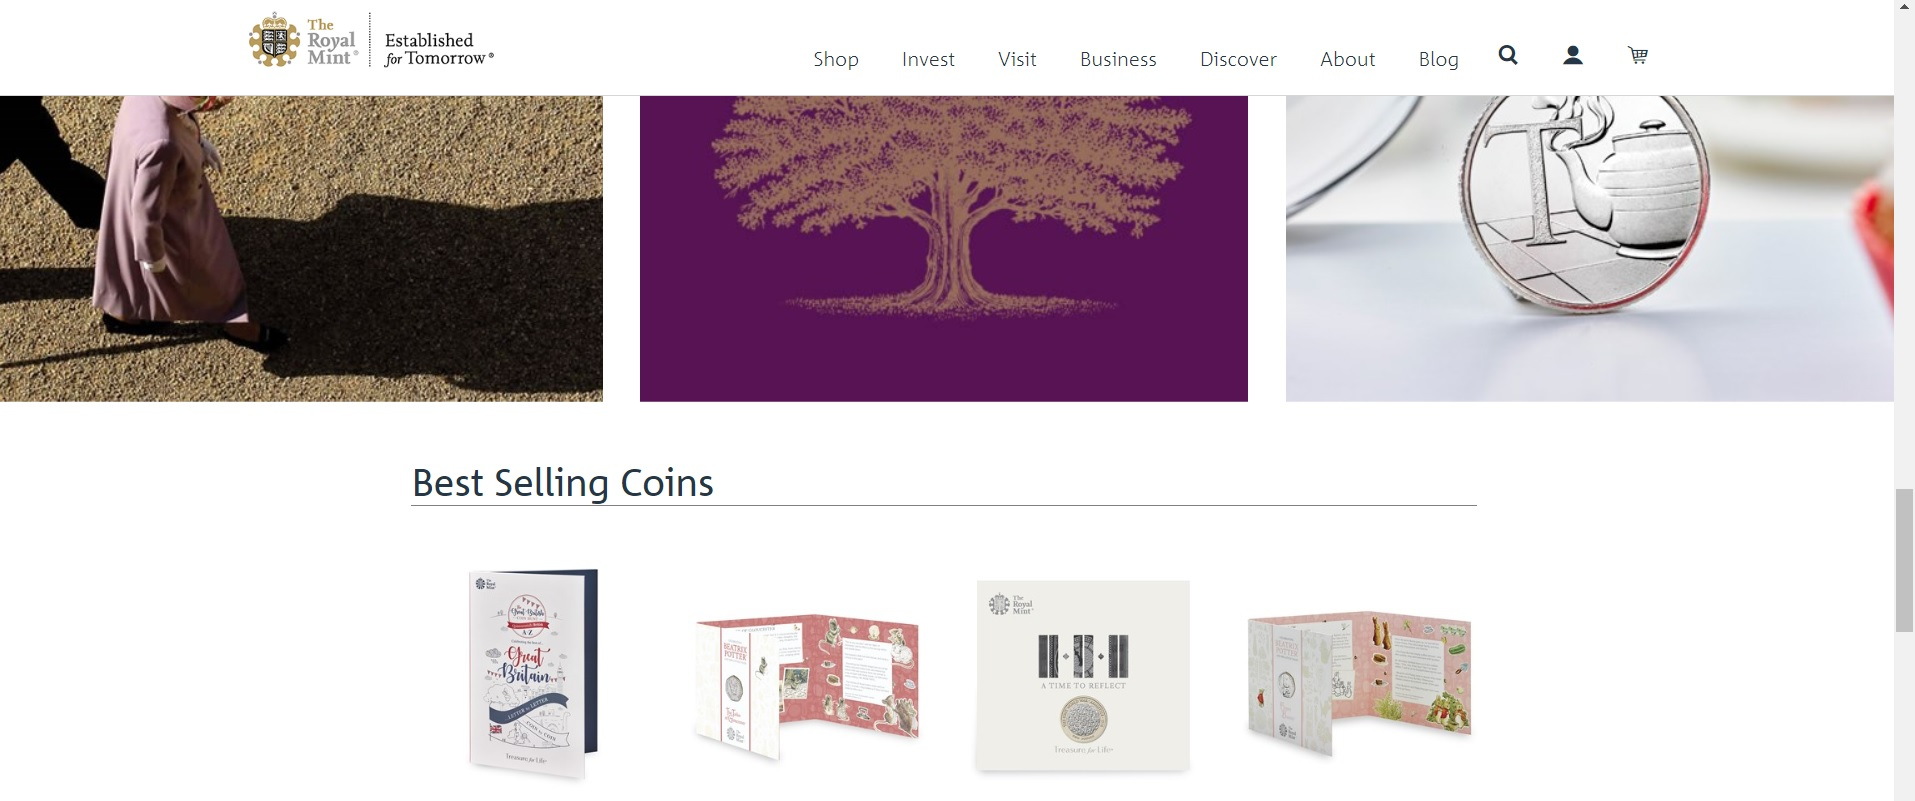 The Royal Mint ロイヤルミント 王立造幣局の記念硬貨、コイン、切手(スタンプ)の個人輸入は個人輸入代行、転送サービスは、ご利用のお客様から、安心でおすすめと、口コミで評判を頂いておりますEG代行にご相談ください。